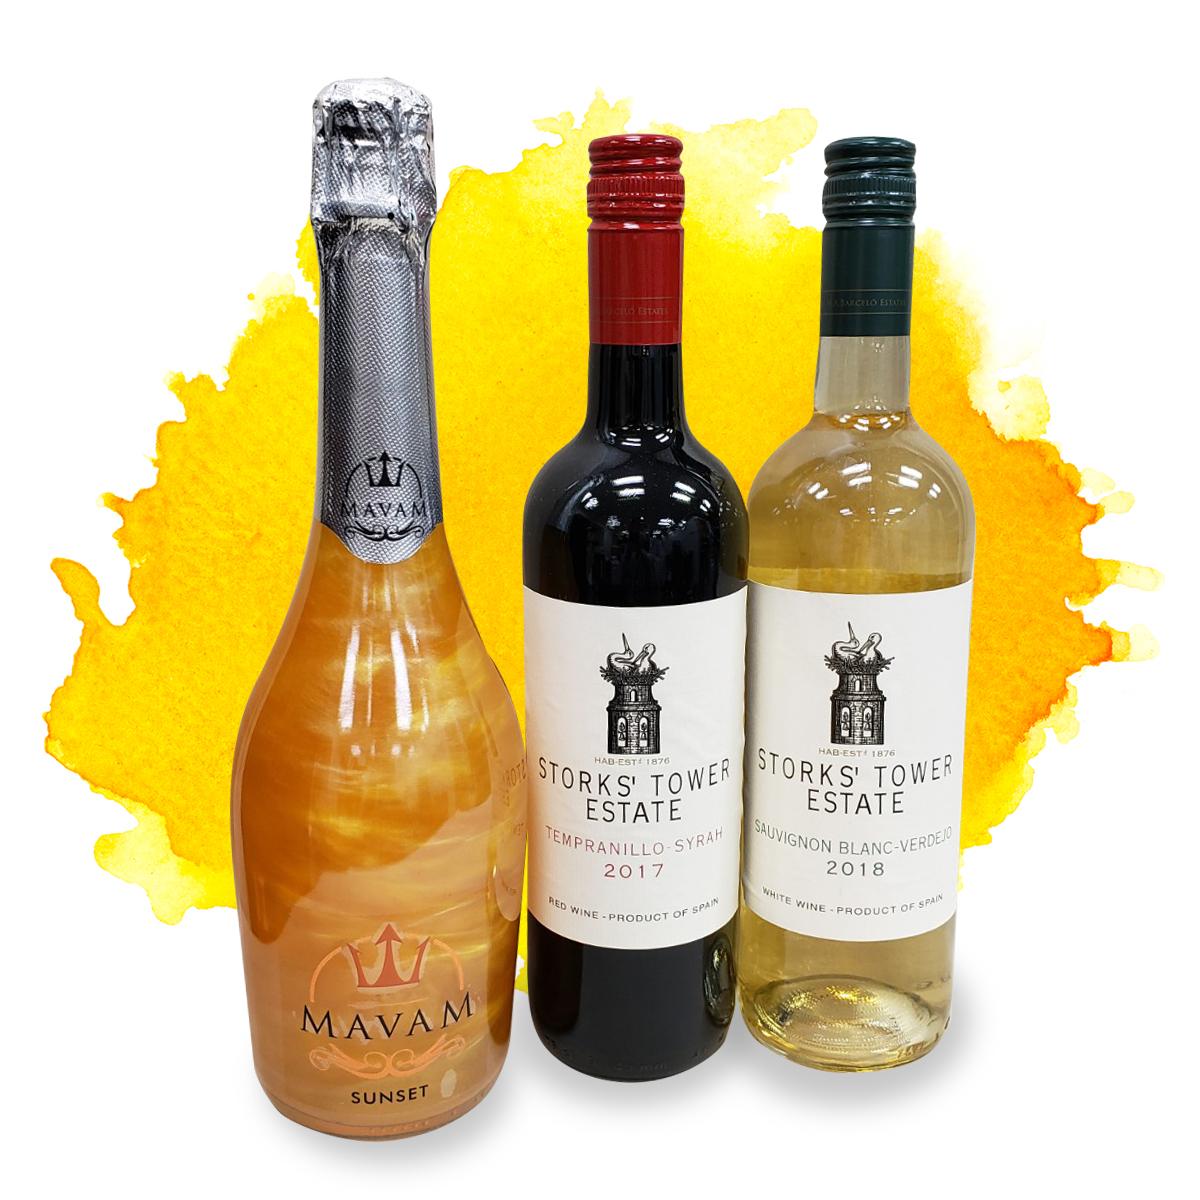 インスタ映えラメ入りキラキラスパークリングマバム スペインワイン赤白お買い得セット #オンライン飲み会 セール特別価格 #オンライン女子会 #リモート女子会にも 日本製